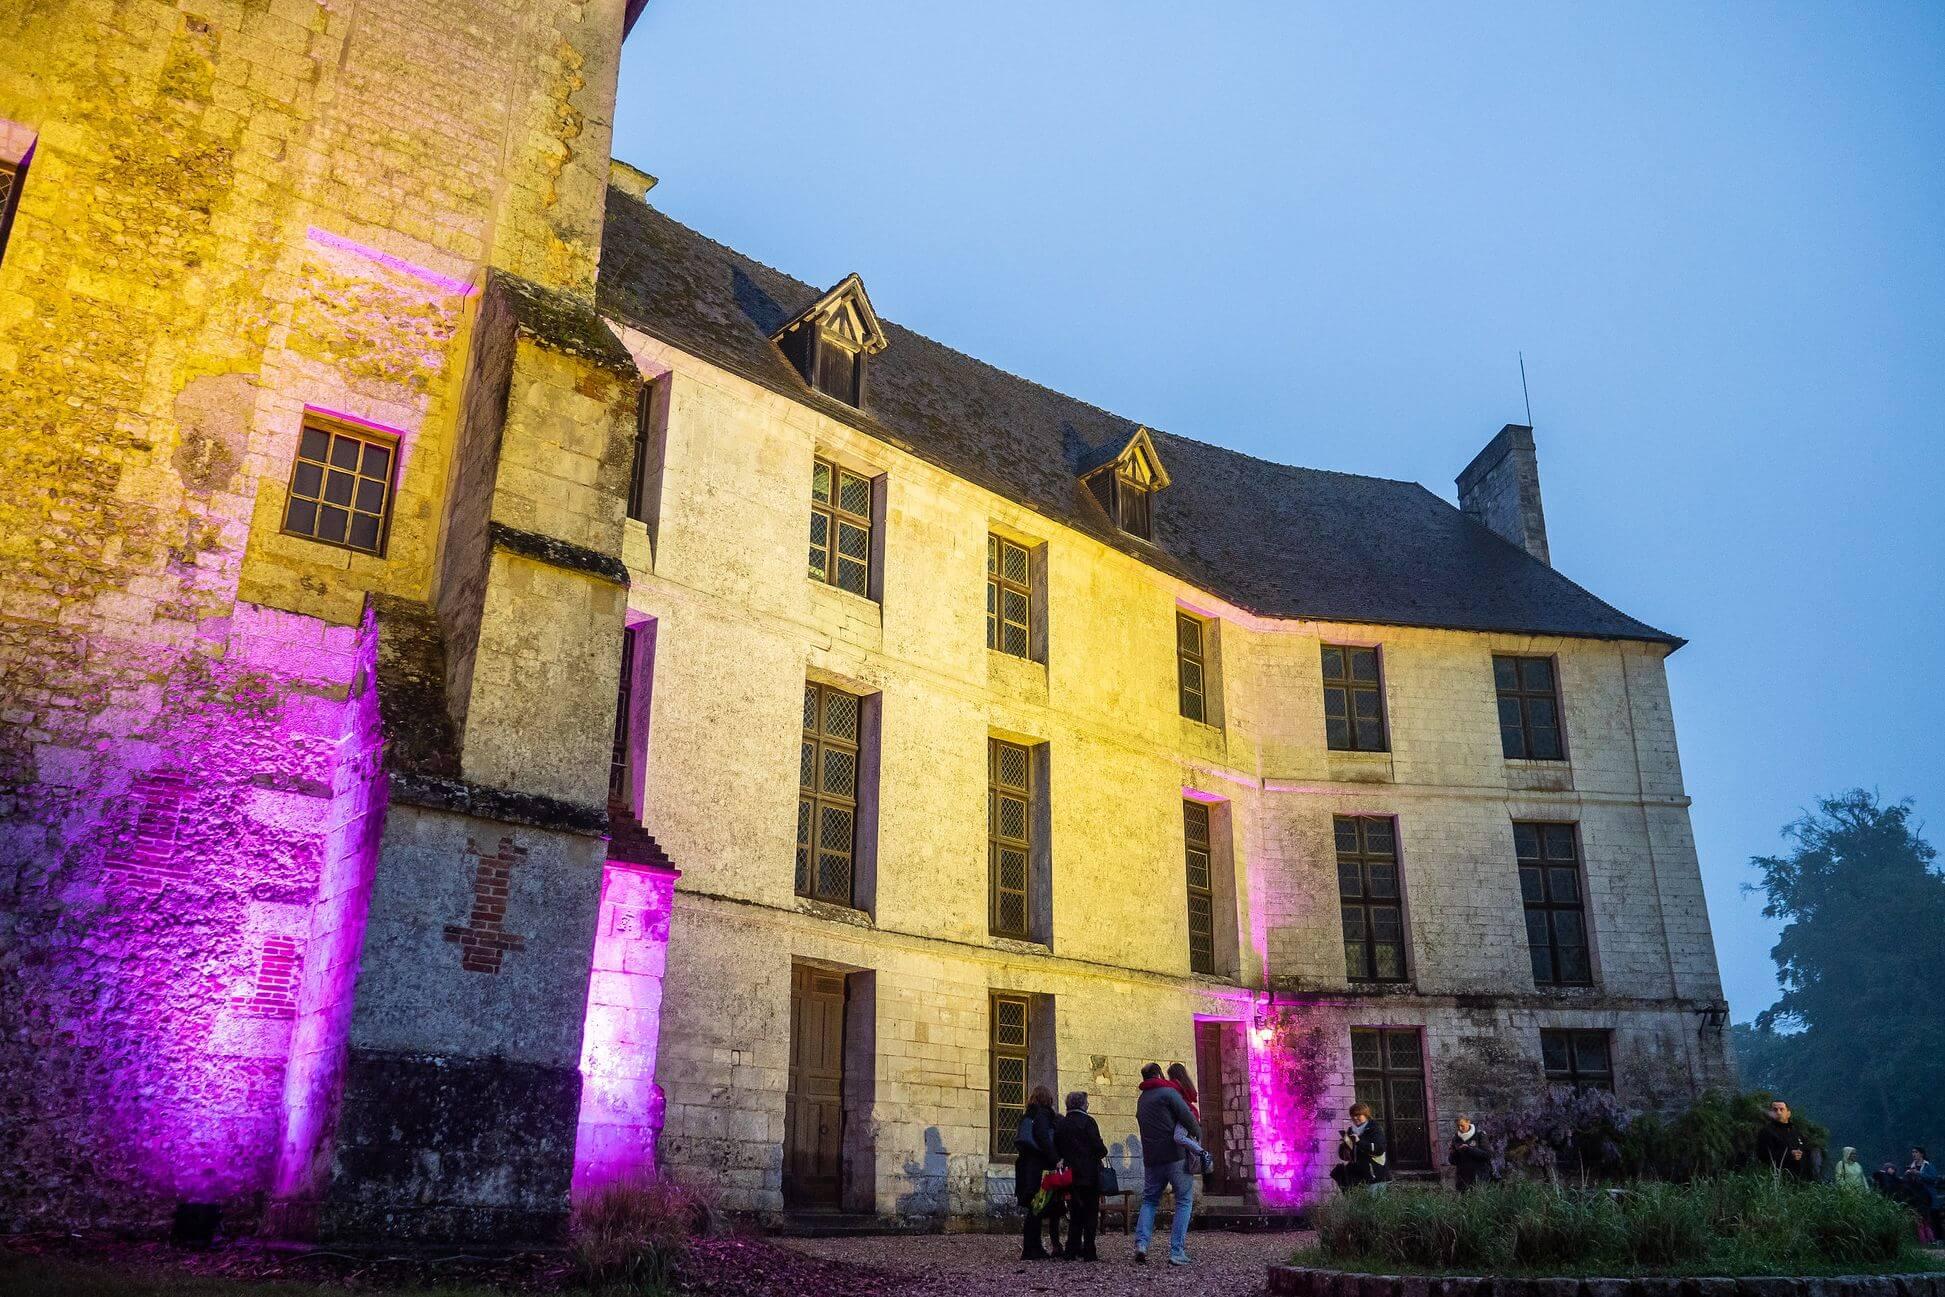 façade du château d'harcourt avec un éclairage violet